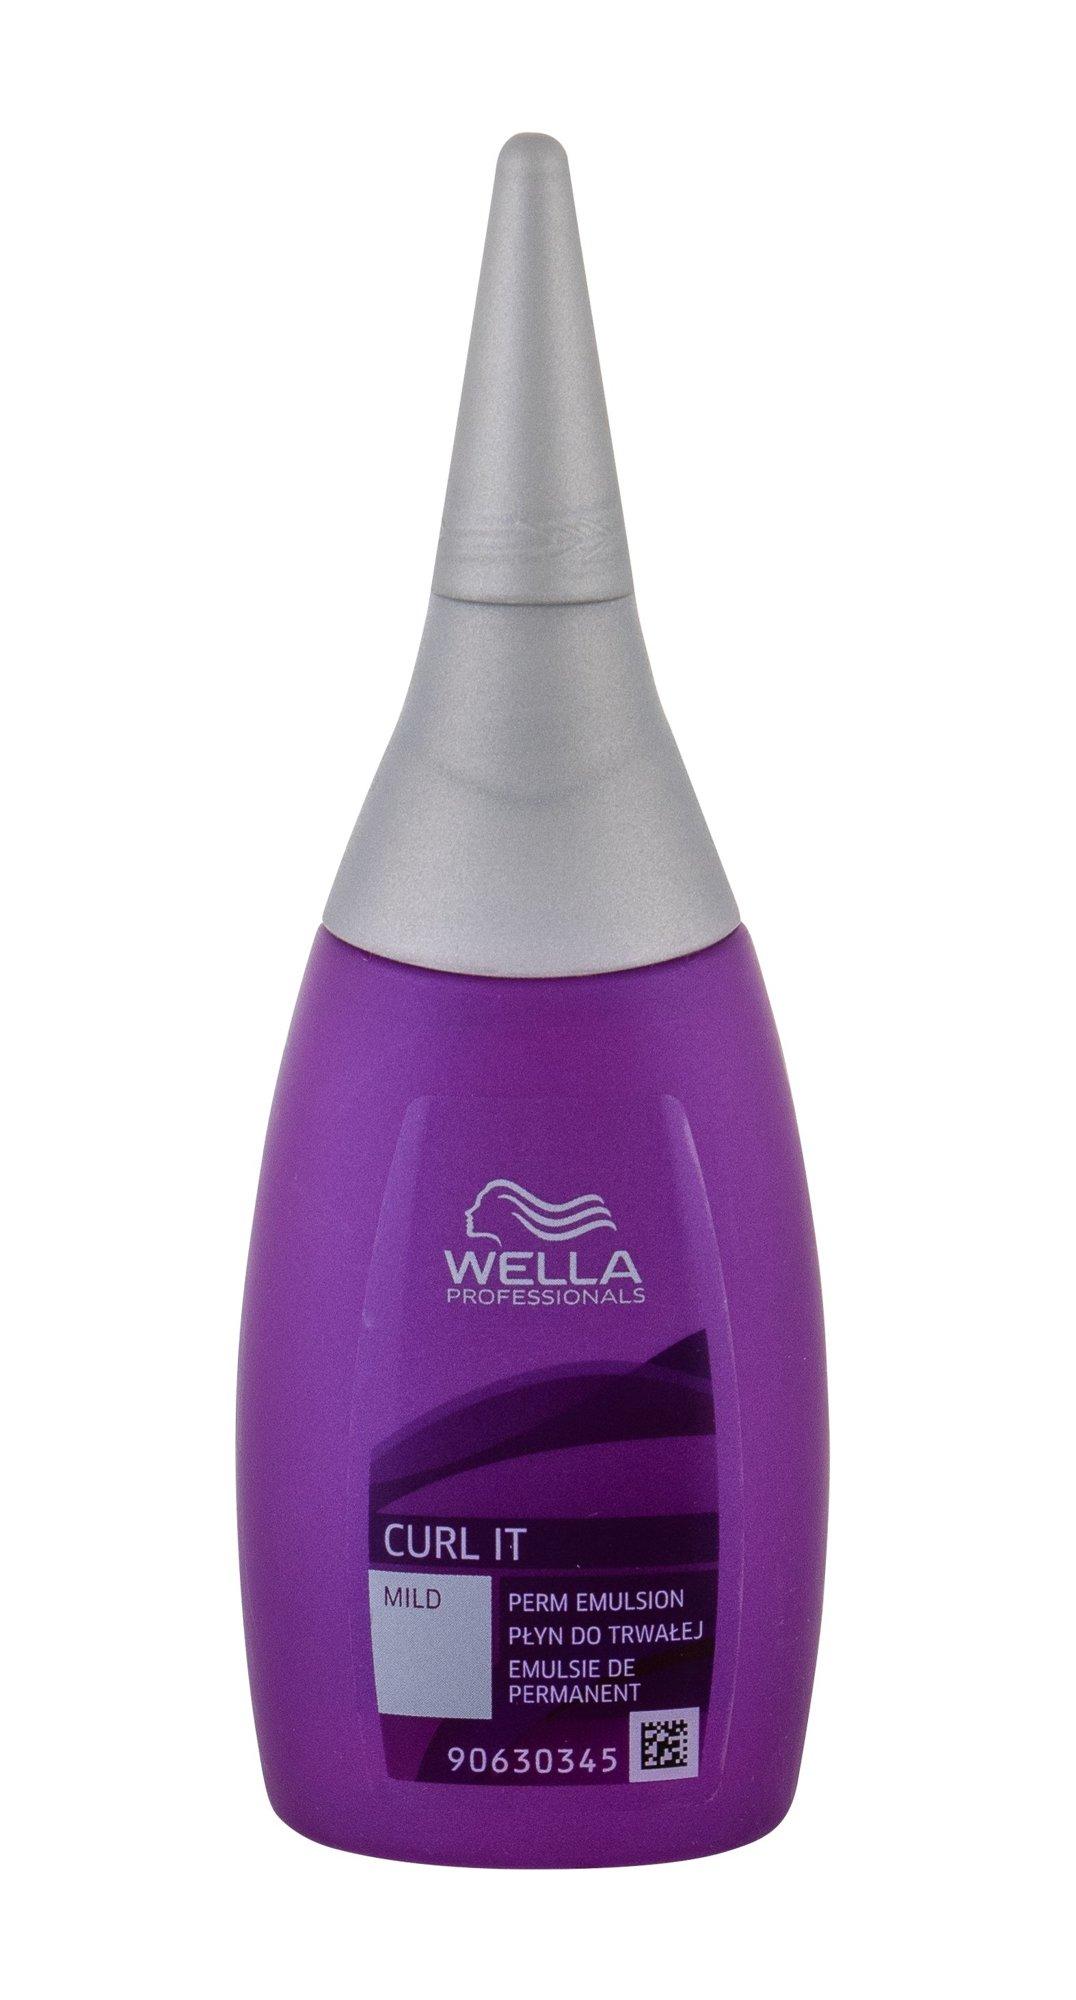 Wella Curl It Cosmetic 75ml